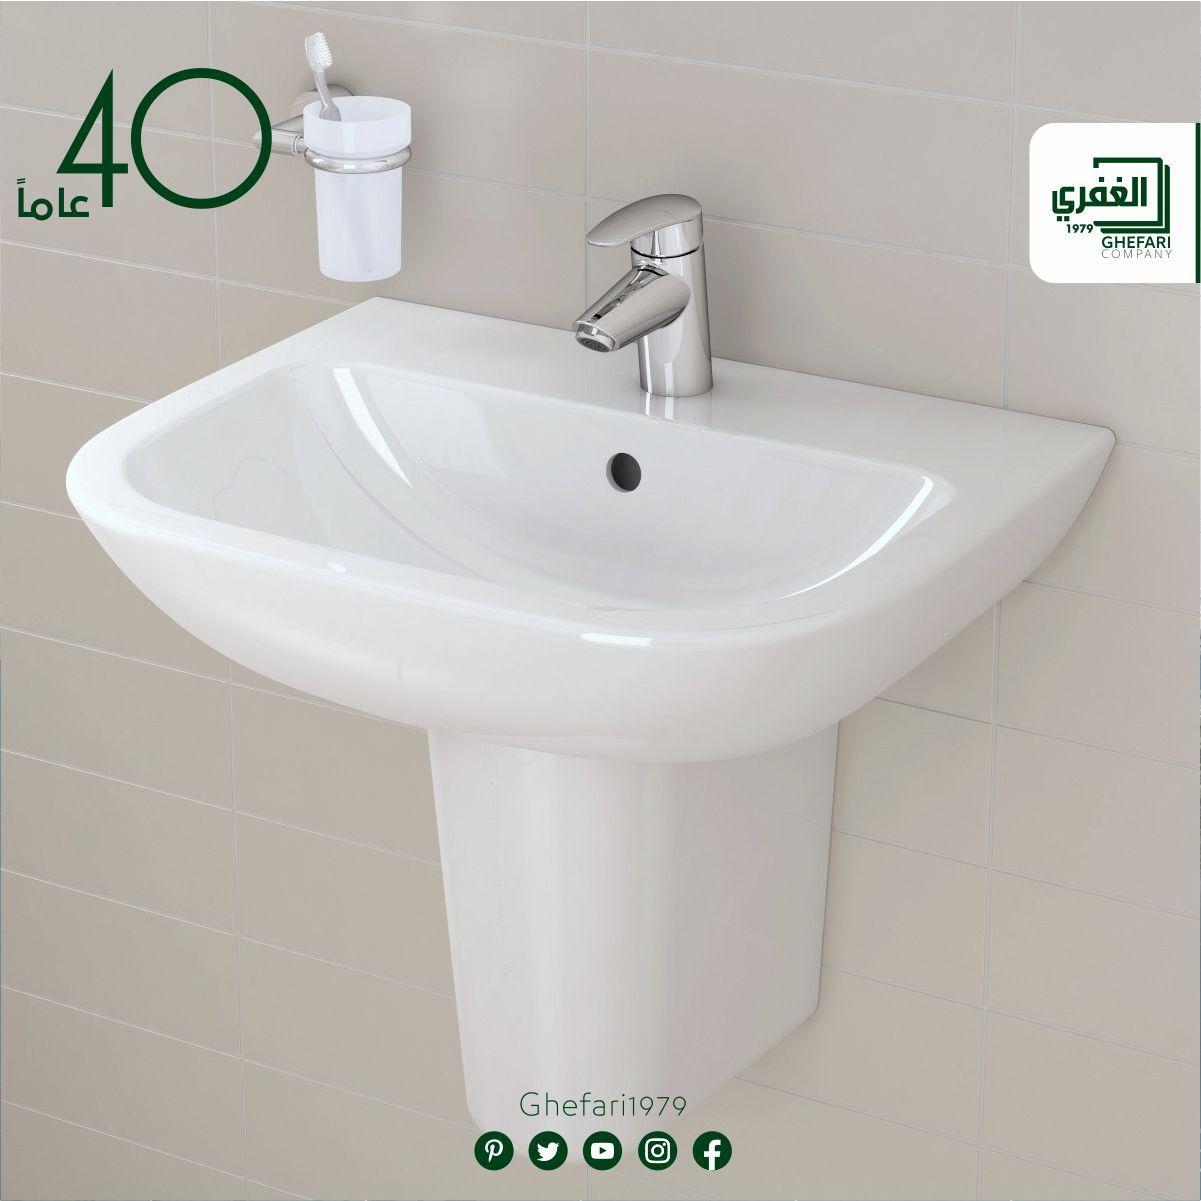 من شركة Vitra التركية إليك سيدتي مغسلة بعدة مقاسات 60 55 50 سم رجل مغسلة معلقة عادي كرسي معلق غطاء ثقيل ومفصل نورستا Home Decor Decor Sink